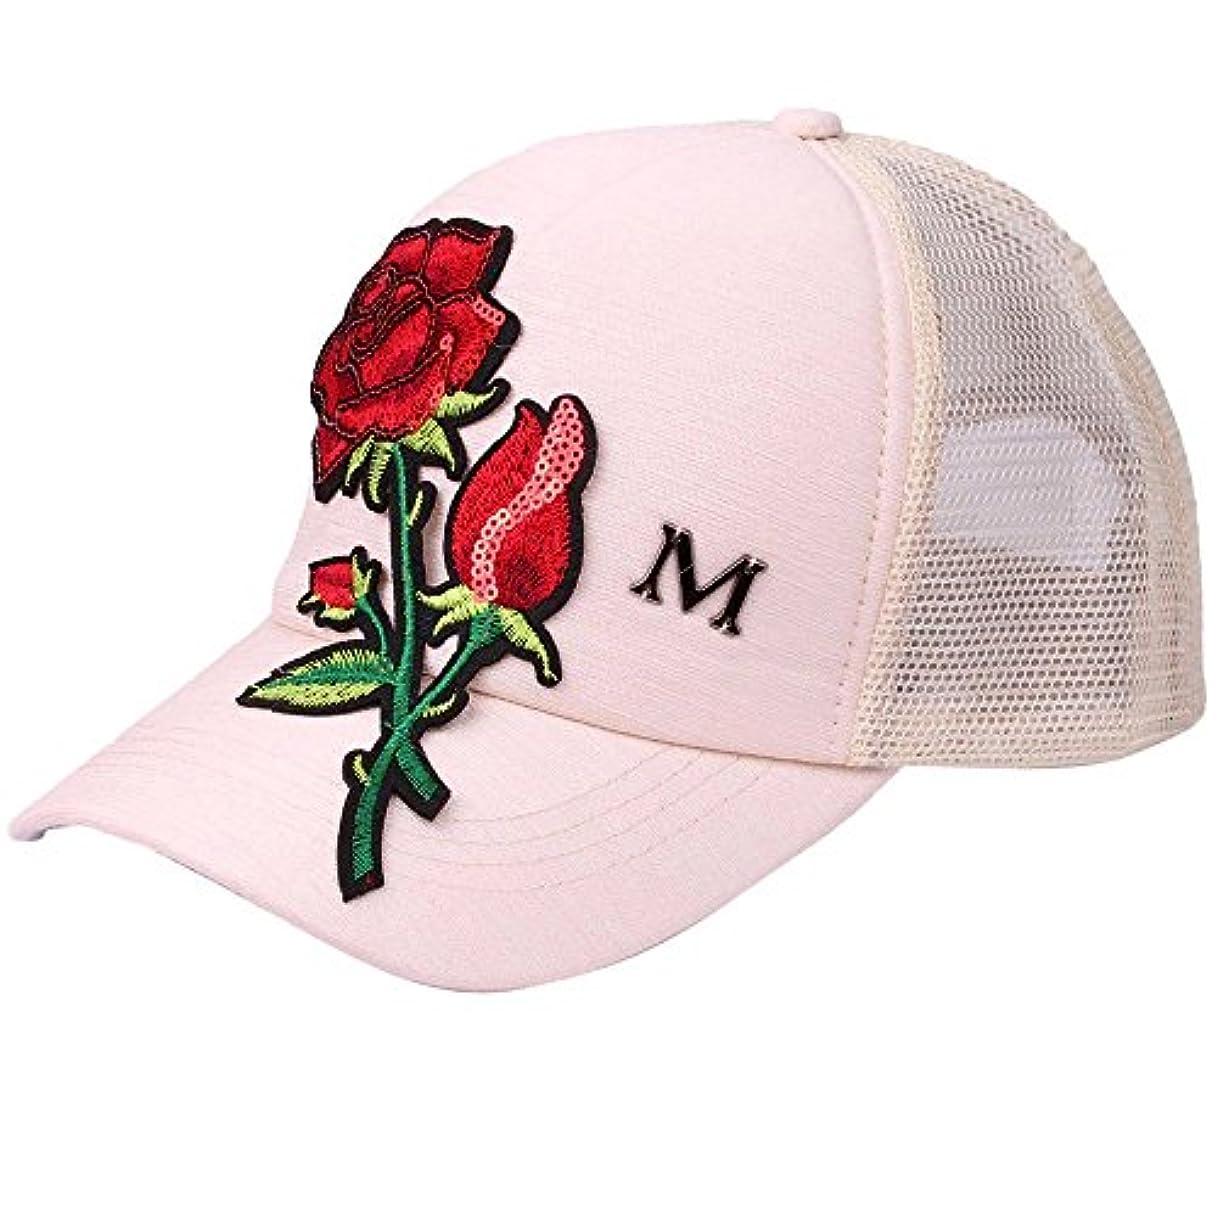 神経衰弱顕著各Racazing Cap ローズ 刺繍 ヒップホップ 野球帽 通気性のある 帽子 夏 登山 メッシュ 可調整可能 棒球帽 UV 帽子 軽量 屋外 Unisex Hat (ベージュ)